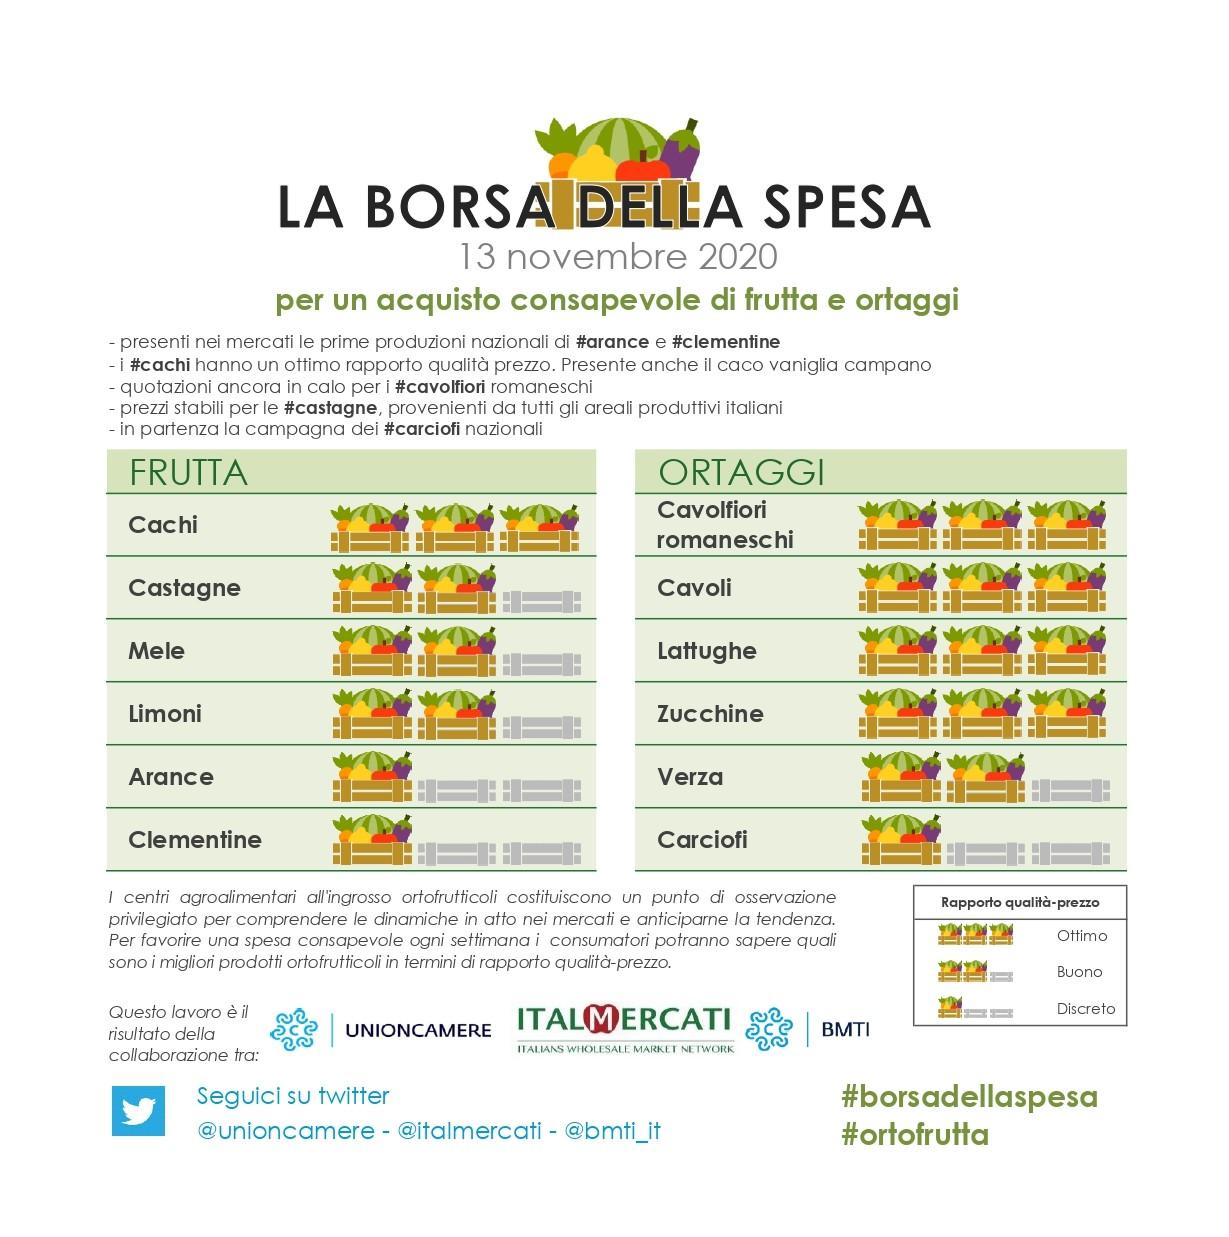 nella #borsadellaspesa di #ortofrutta di questa settimana: #cavolfiori romaneschi, #cavoli, #lattughe, #zucchine e #cachi - 13 novembre 2020